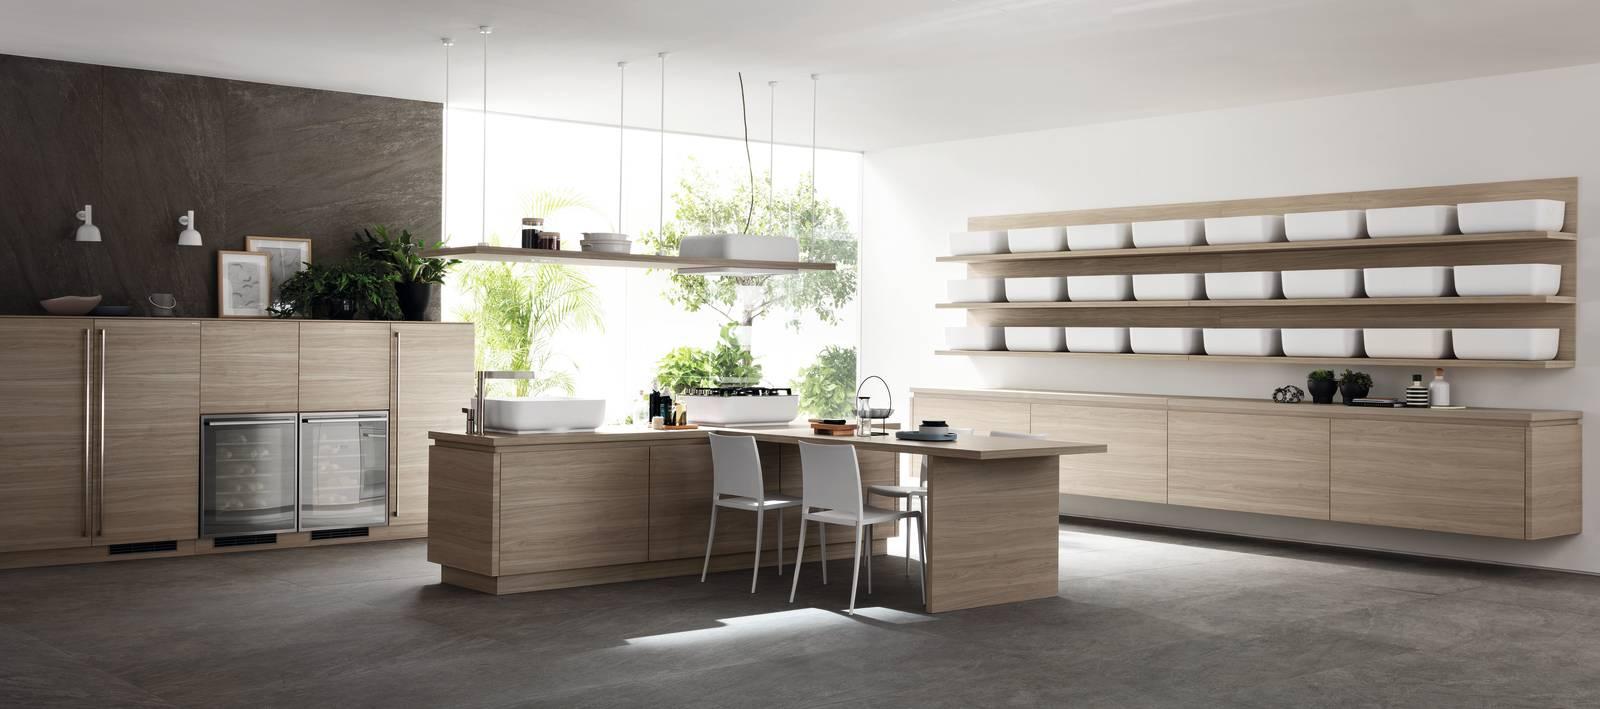 cucine senza maniglie Archivi - internocasa